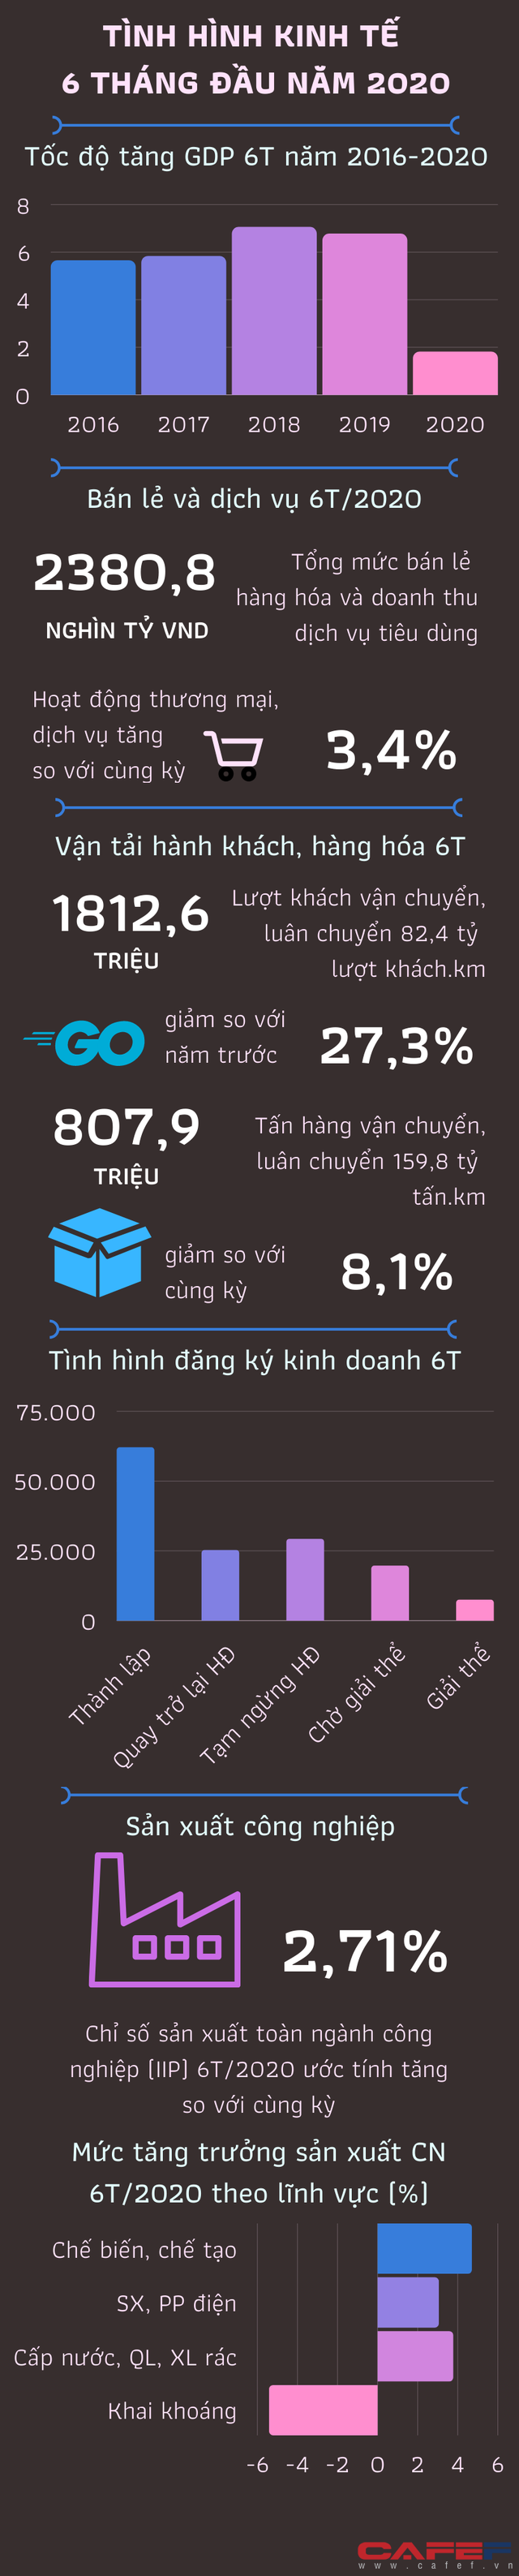 [Infographic] Tình hình kinh tế Việt Nam 6 tháng đầu năm qua những con số - Ảnh 1.